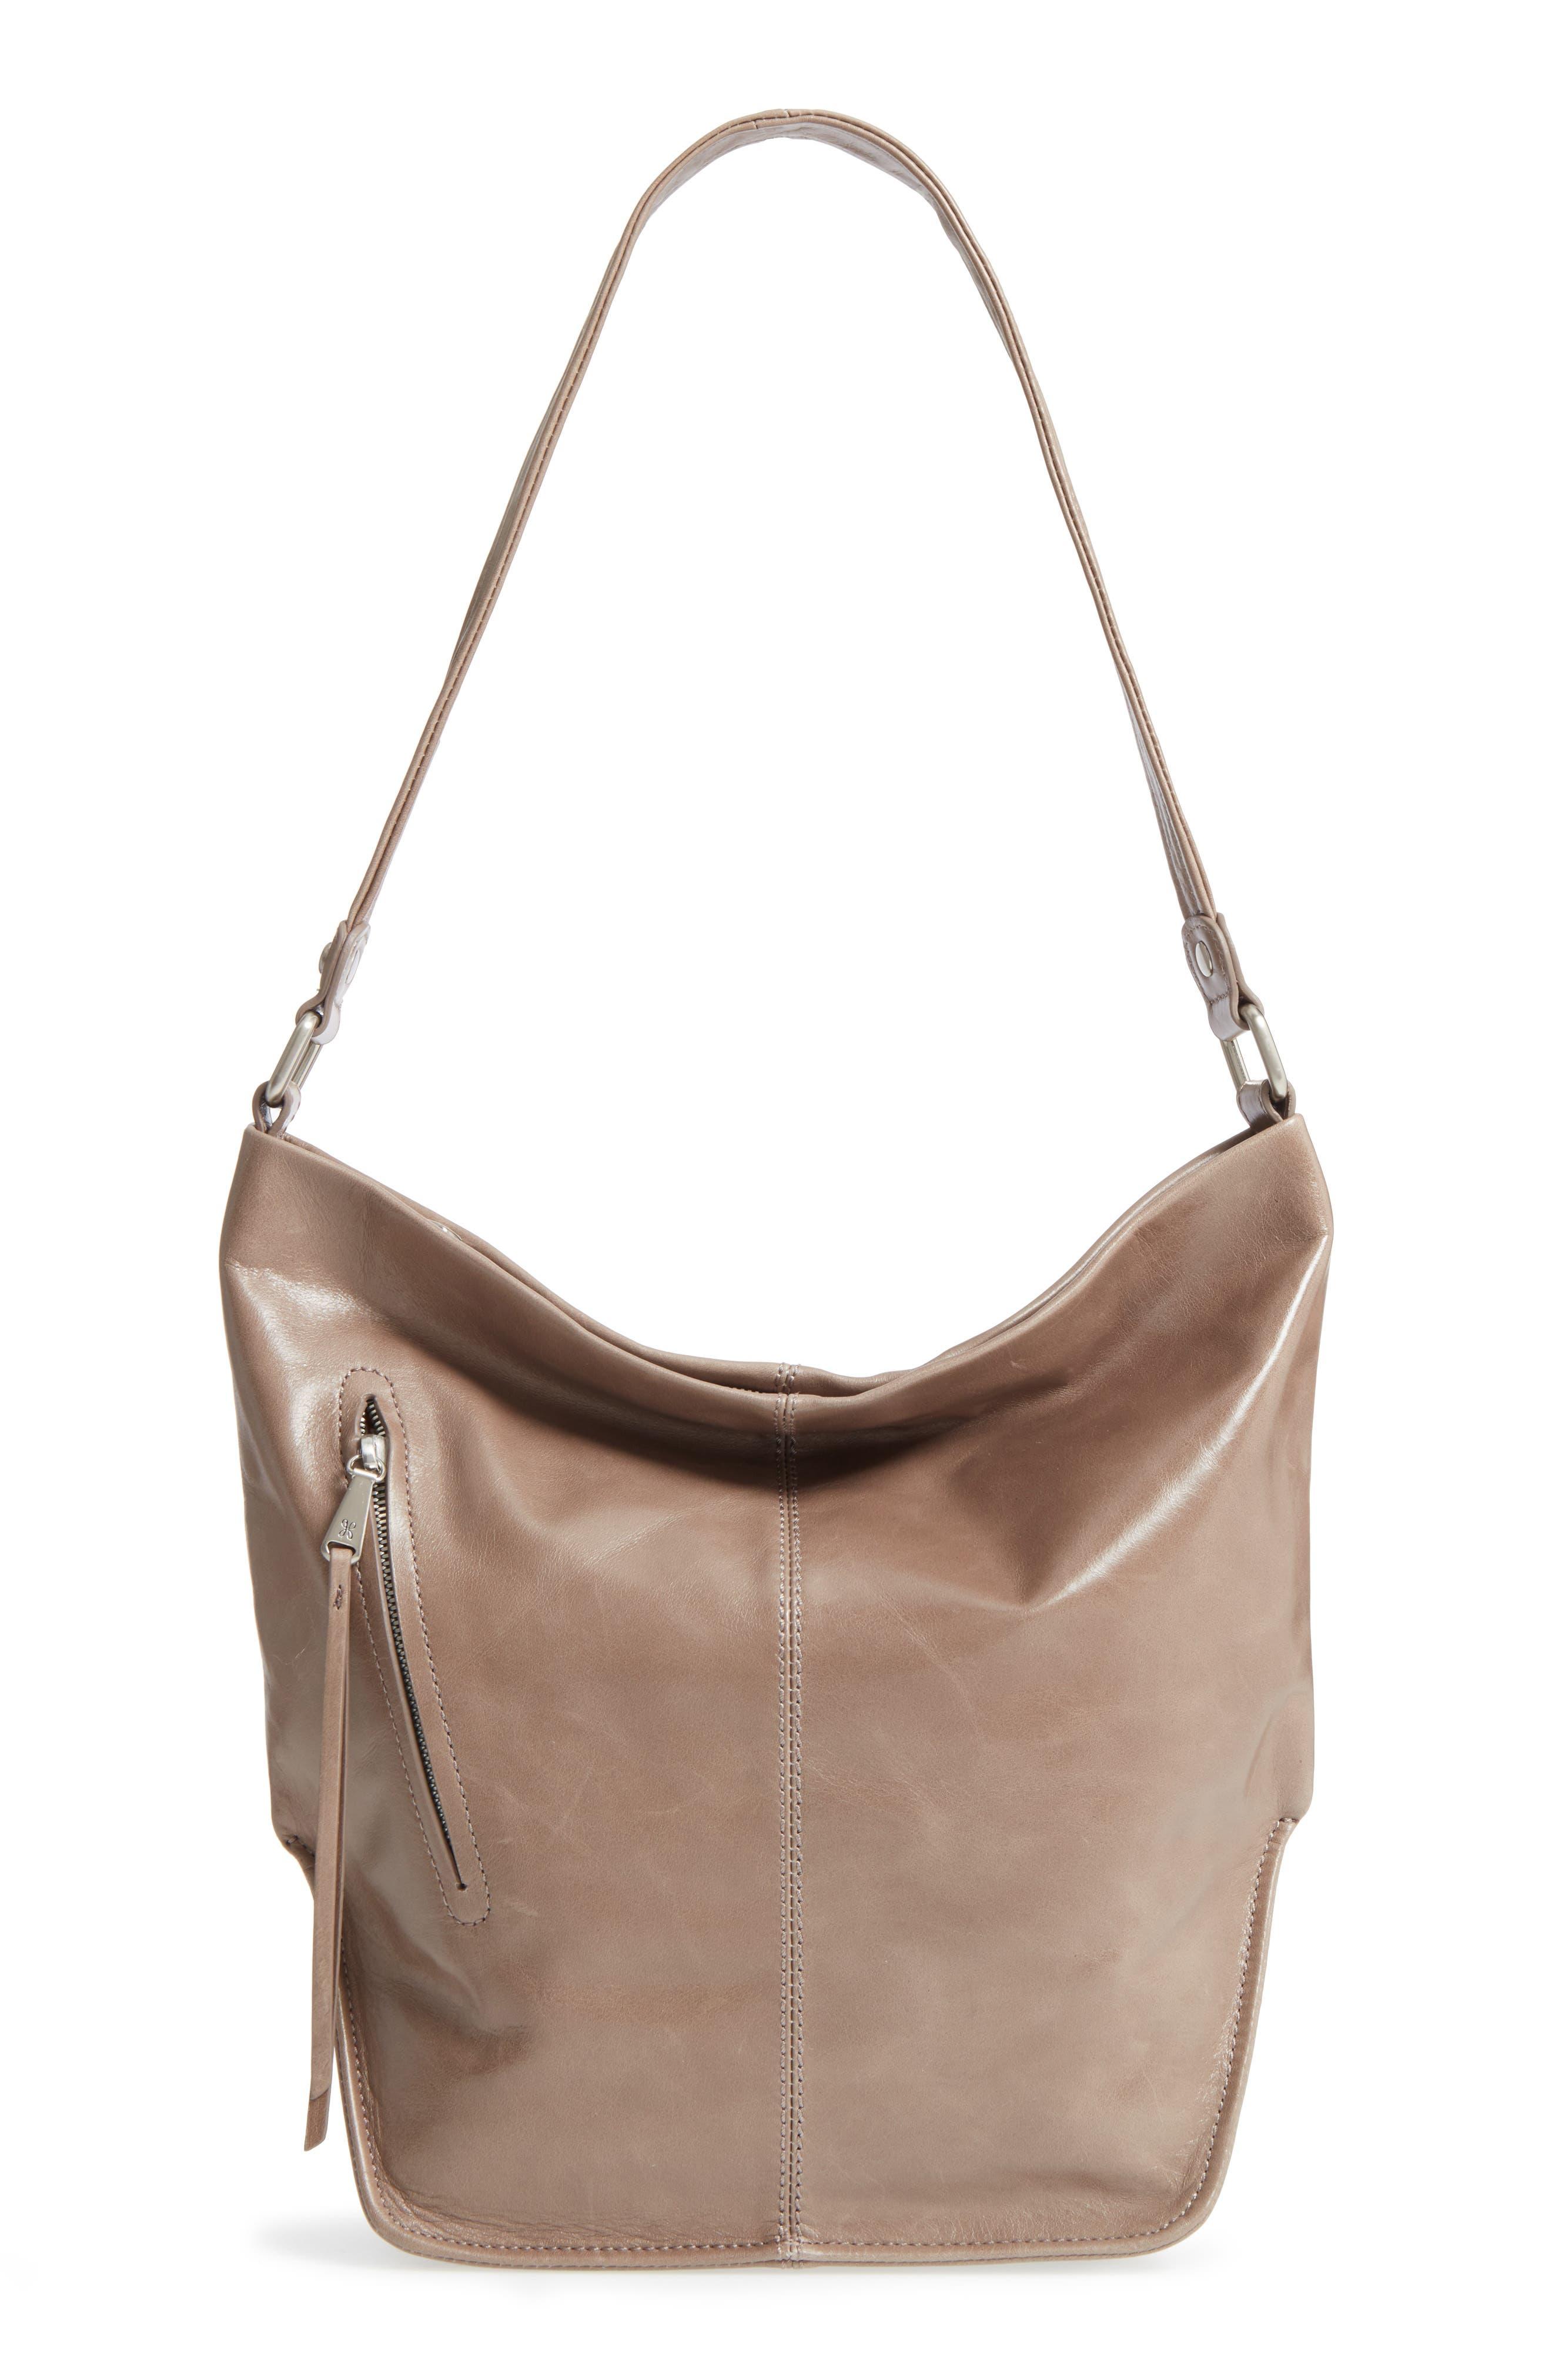 Hobo 'Meredith' Leather Bucket Bag